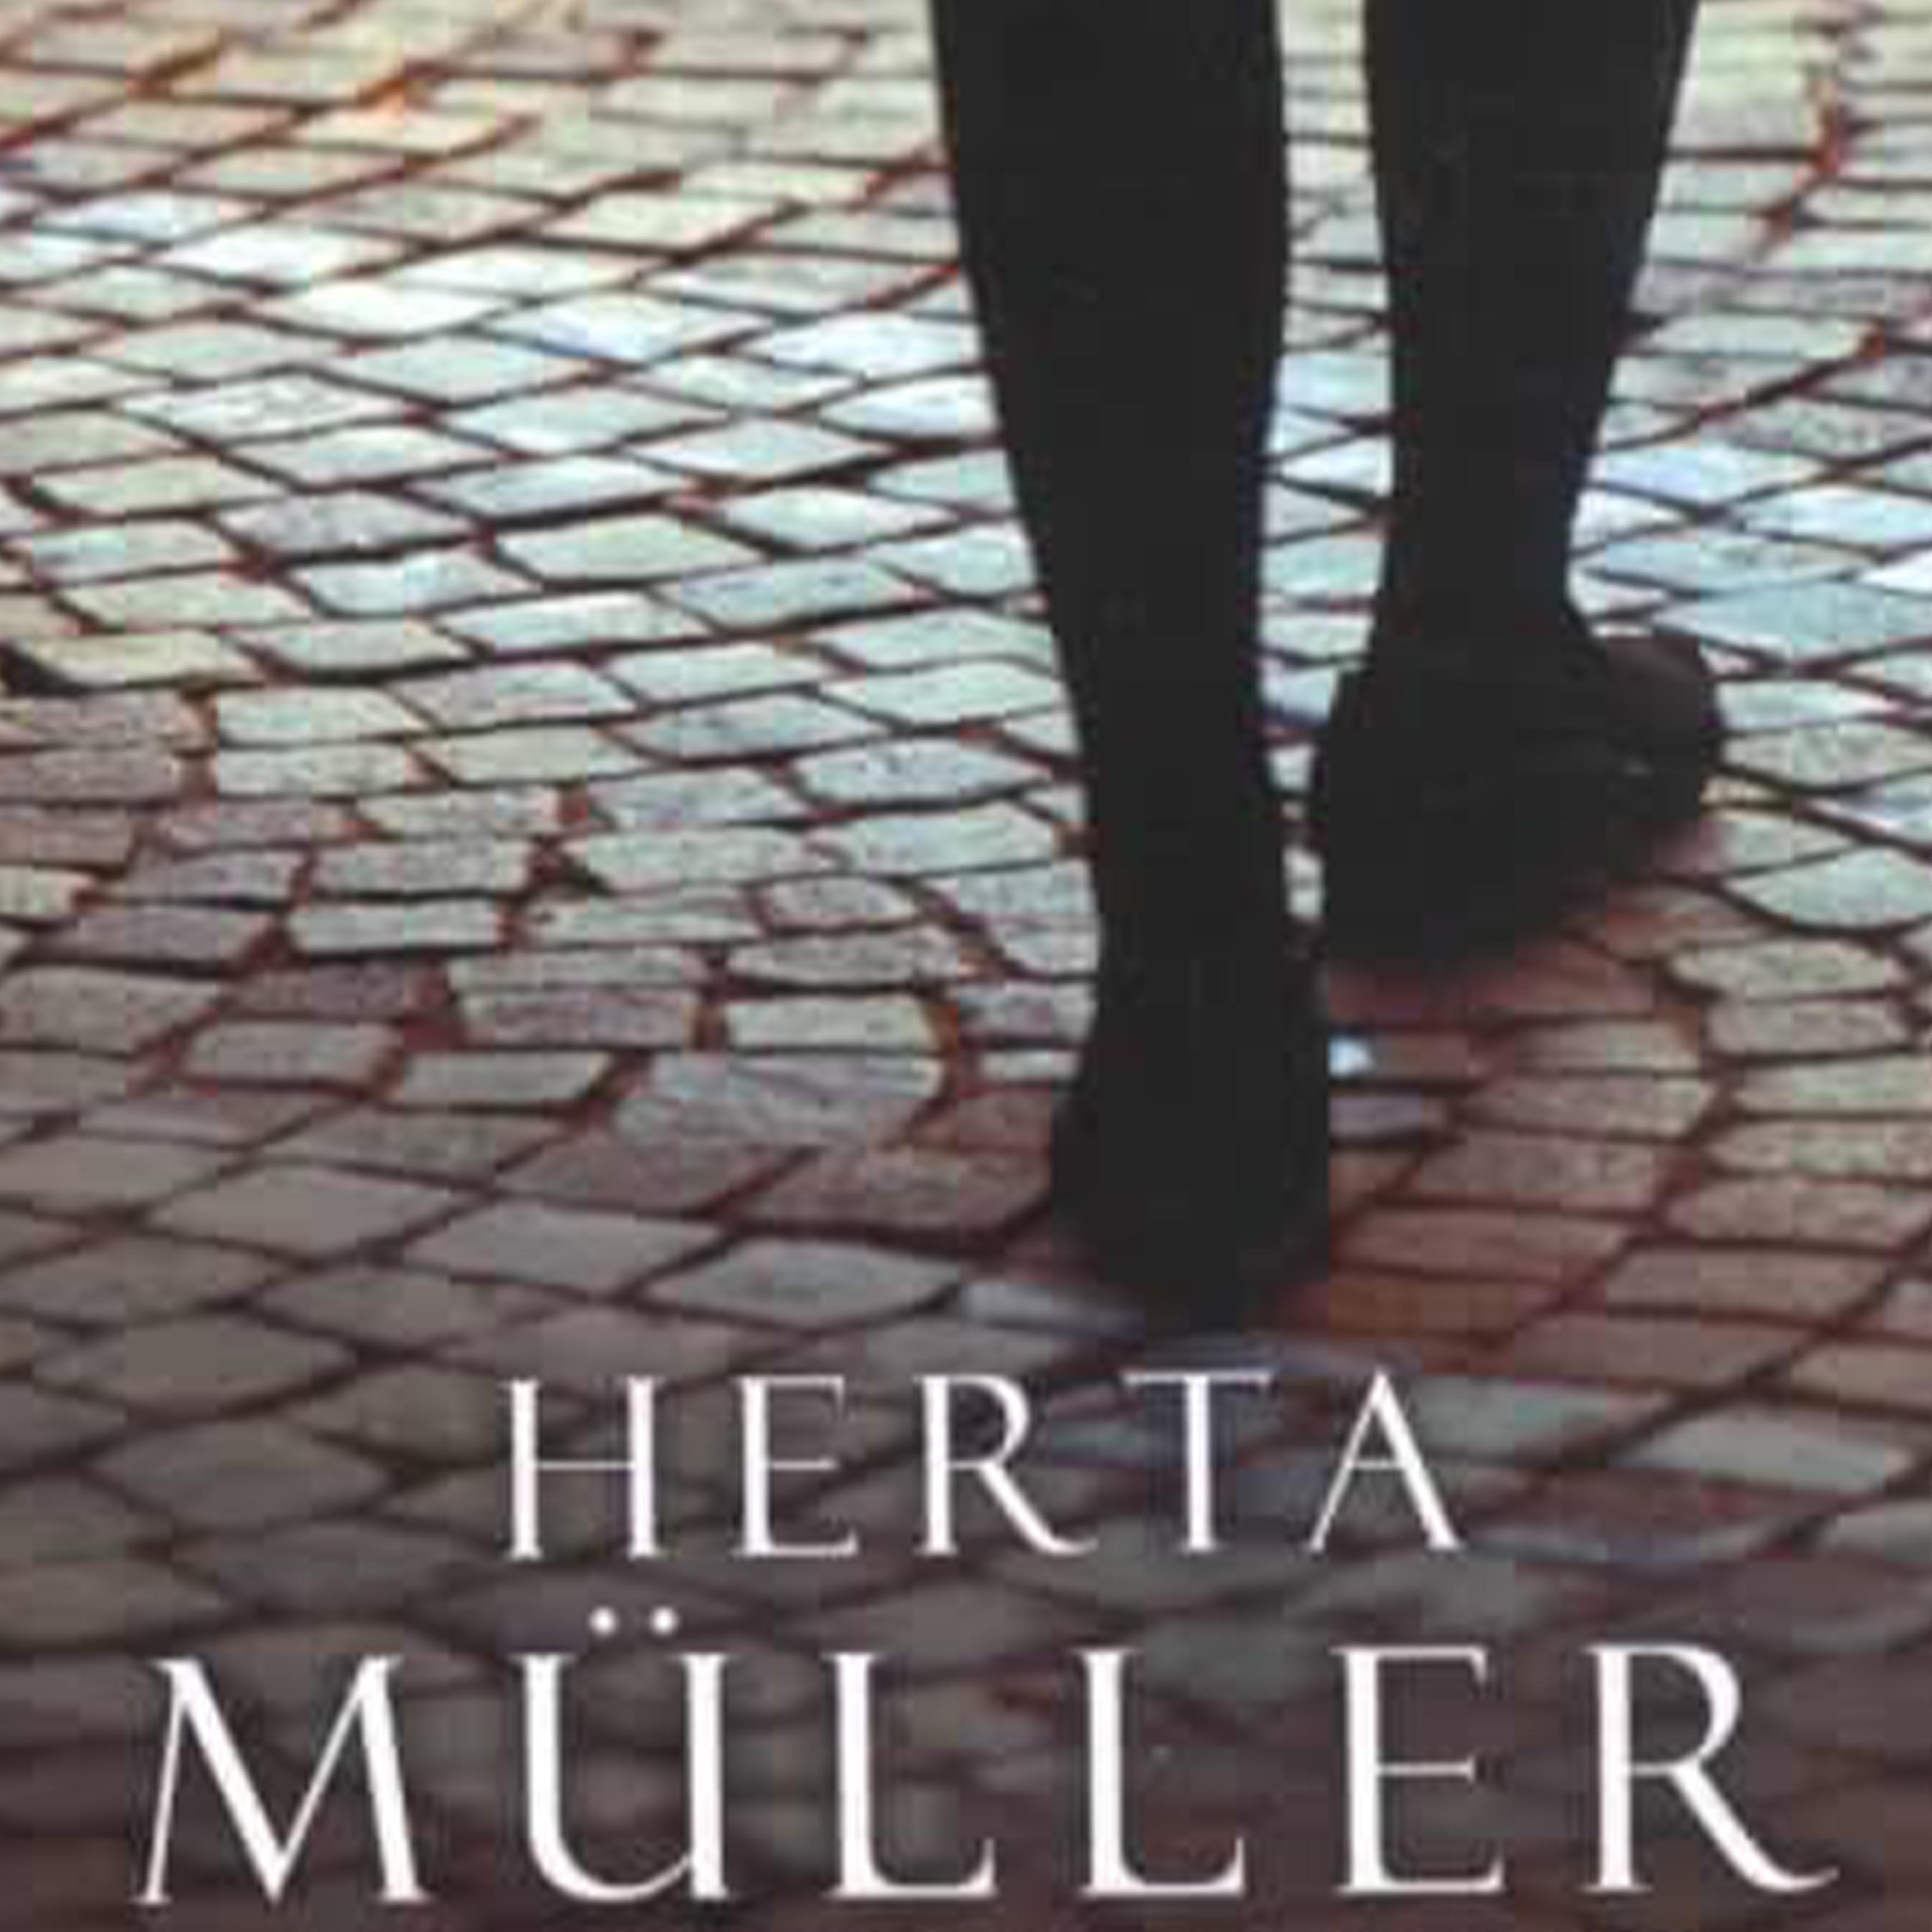 Spotkanie wokół twórczości Herty Müller na DKK online